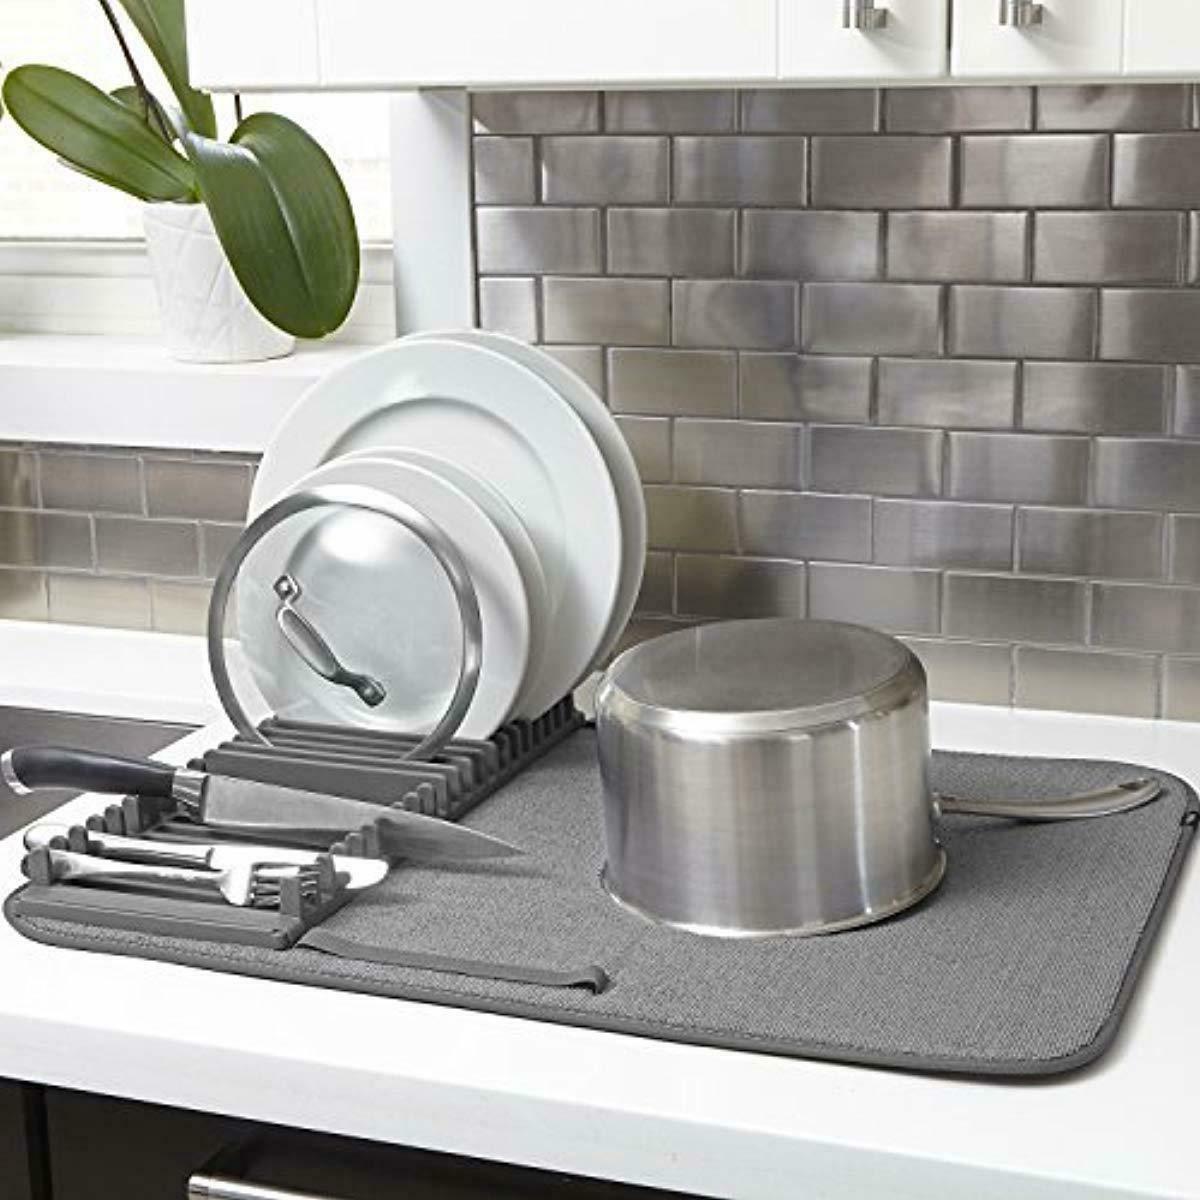 Umbra Rack and Microfiber Dish Mat-Space-Saving Lightweight Design